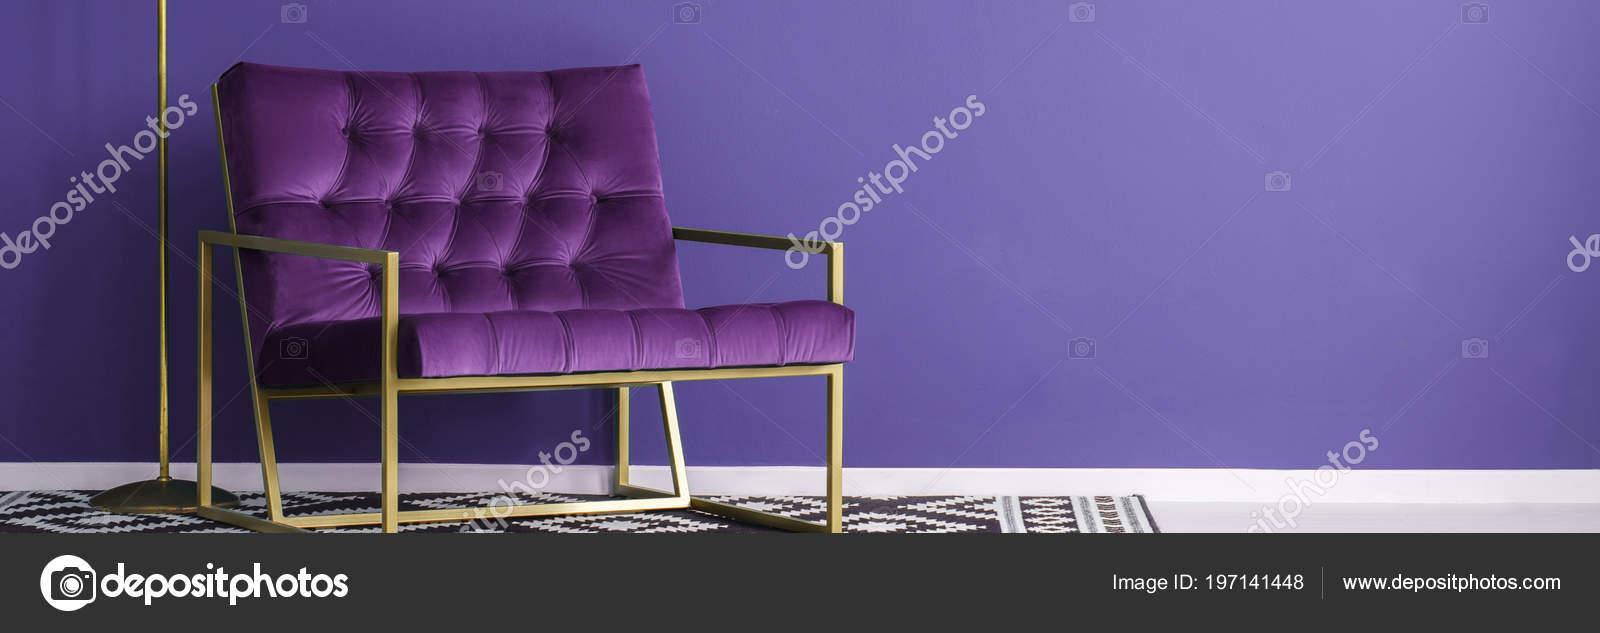 Fauteuil Violet Avec Structure Métal Permanent Motifs Noir Blanc ...